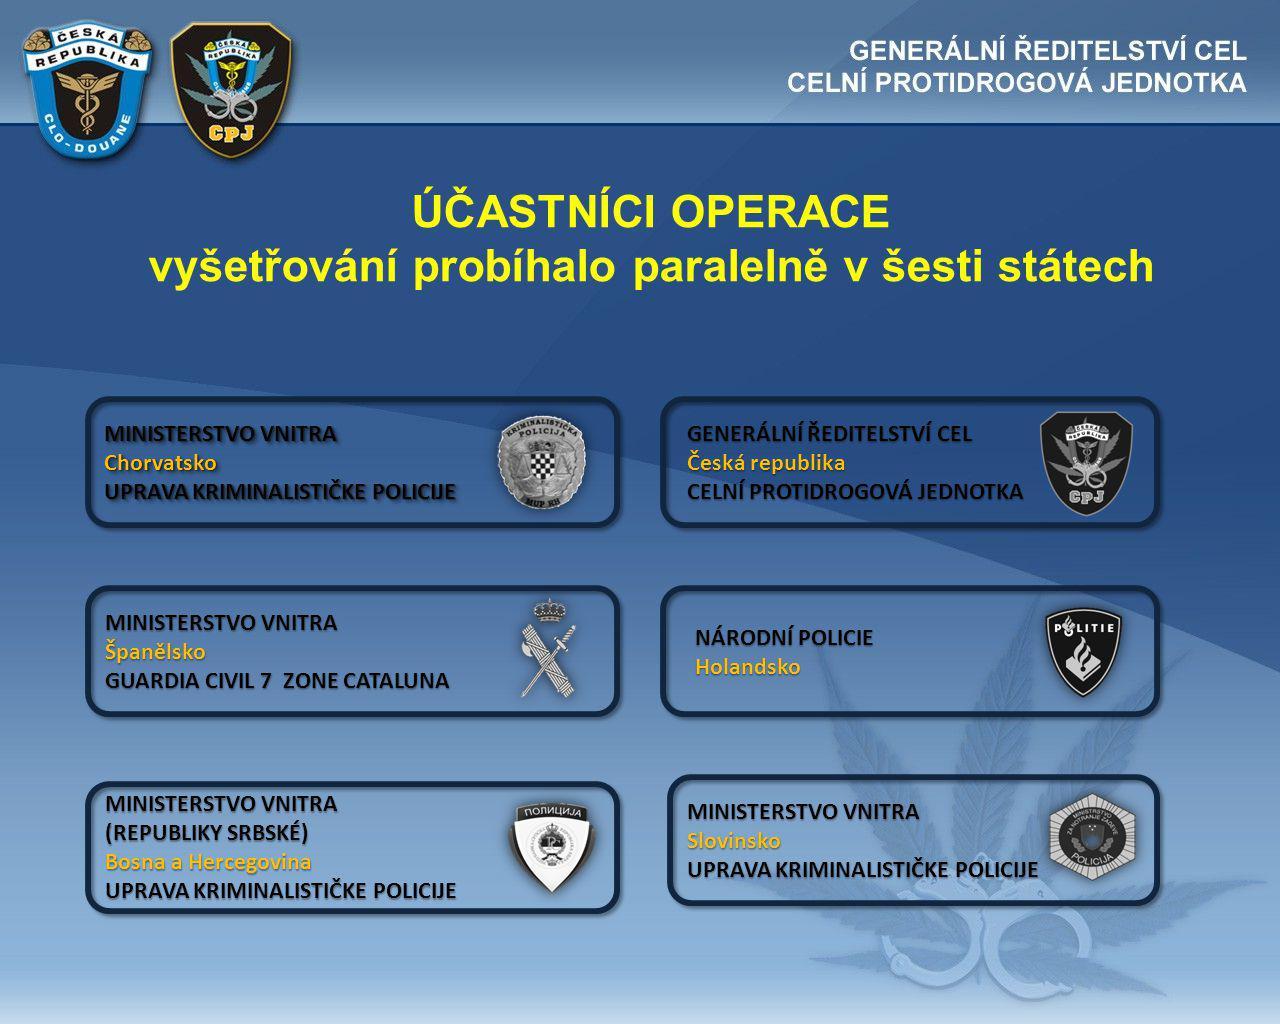 ÚČASTNÍCI OPERACE vyšetřování probíhalo paralelně v šesti státech MINISTERSTVO VNITRA Chorvatsko UPRAVA KRIMINALISTIČKE POLICIJE MINISTERSTVO VNITRA Chorvatsko UPRAVA KRIMINALISTIČKE POLICIJE MINISTERSTVO VNITRA Španělsko GUARDIA CIVIL 7 ZONE CATALUNA MINISTERSTVO VNITRA (REPUBLIKY SRBSKÉ) Bosna a Hercegovina UPRAVA KRIMINALISTIČKE POLICIJE NÁRODNÍ POLICIE Holandsko MINISTERSTVO VNITRA Slovinsko UPRAVA KRIMINALISTIČKE POLICIJE GENERÁLNÍ ŘEDITELSTVÍ CEL Česká republika CELNÍ PROTIDROGOVÁ JEDNOTKA